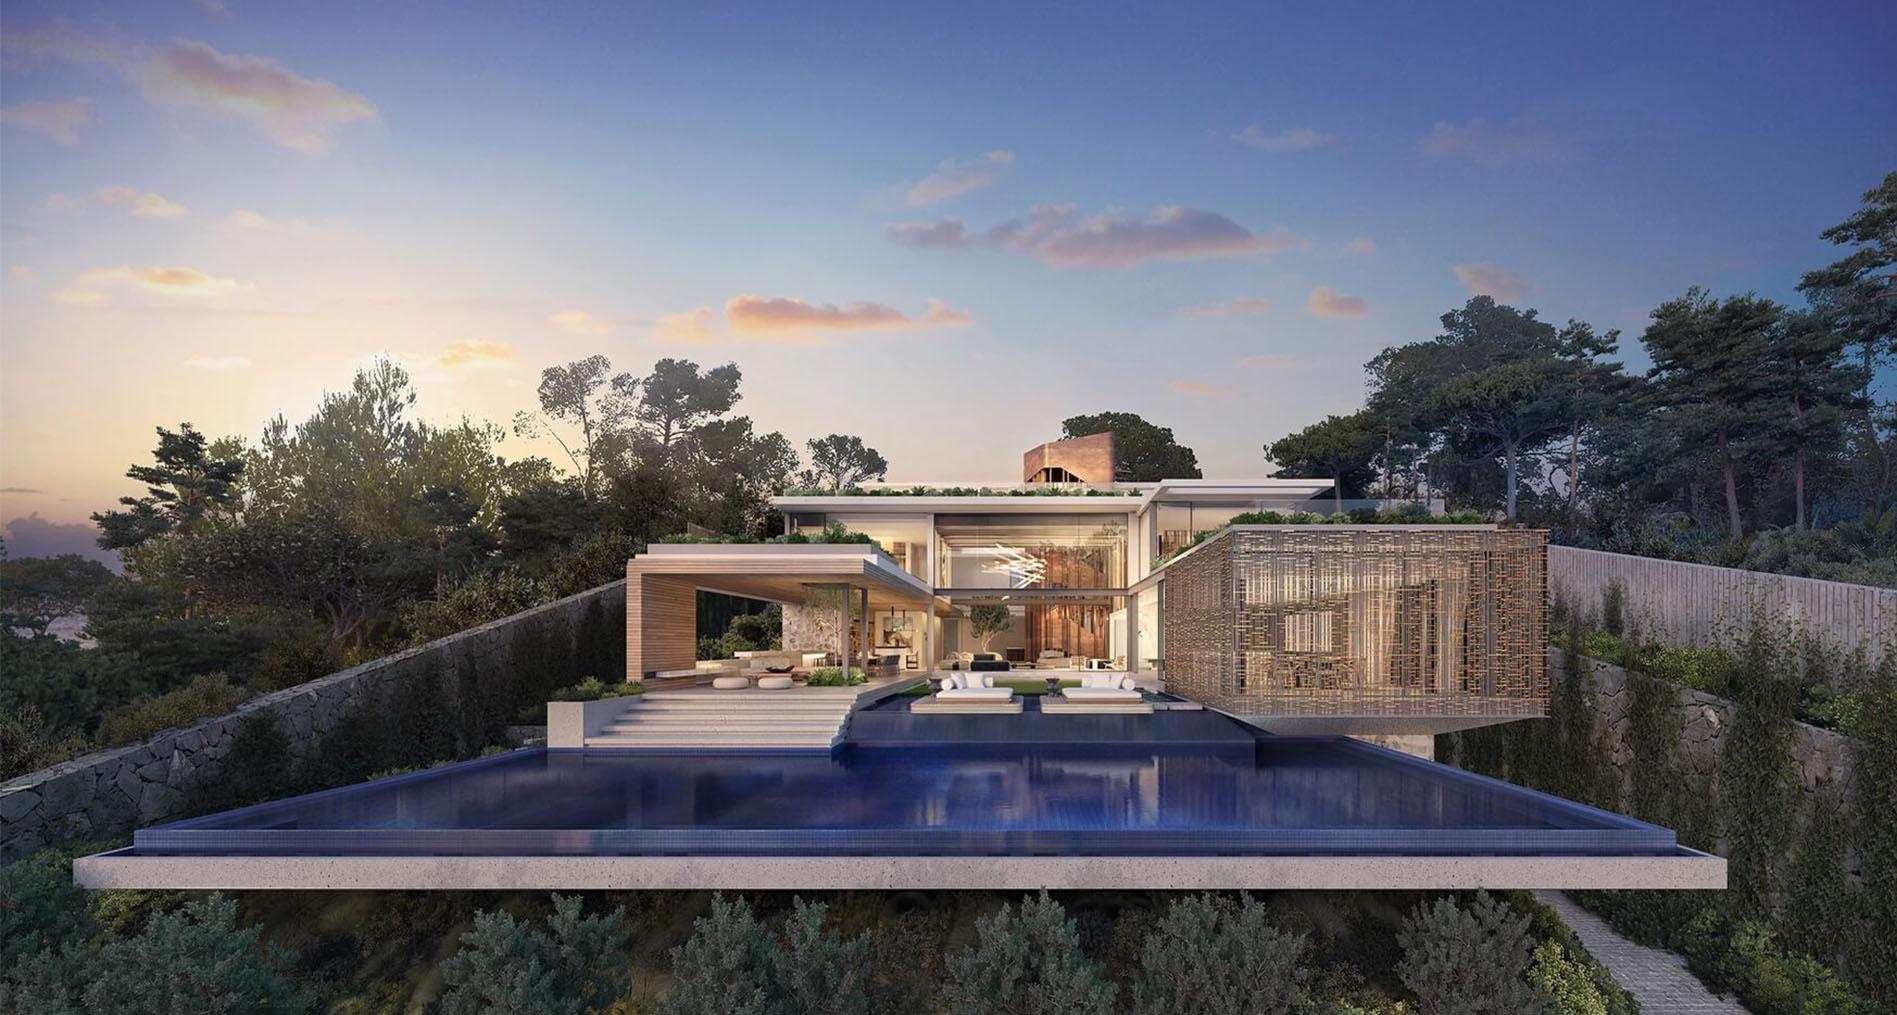 sacaixota-front-garden-pool